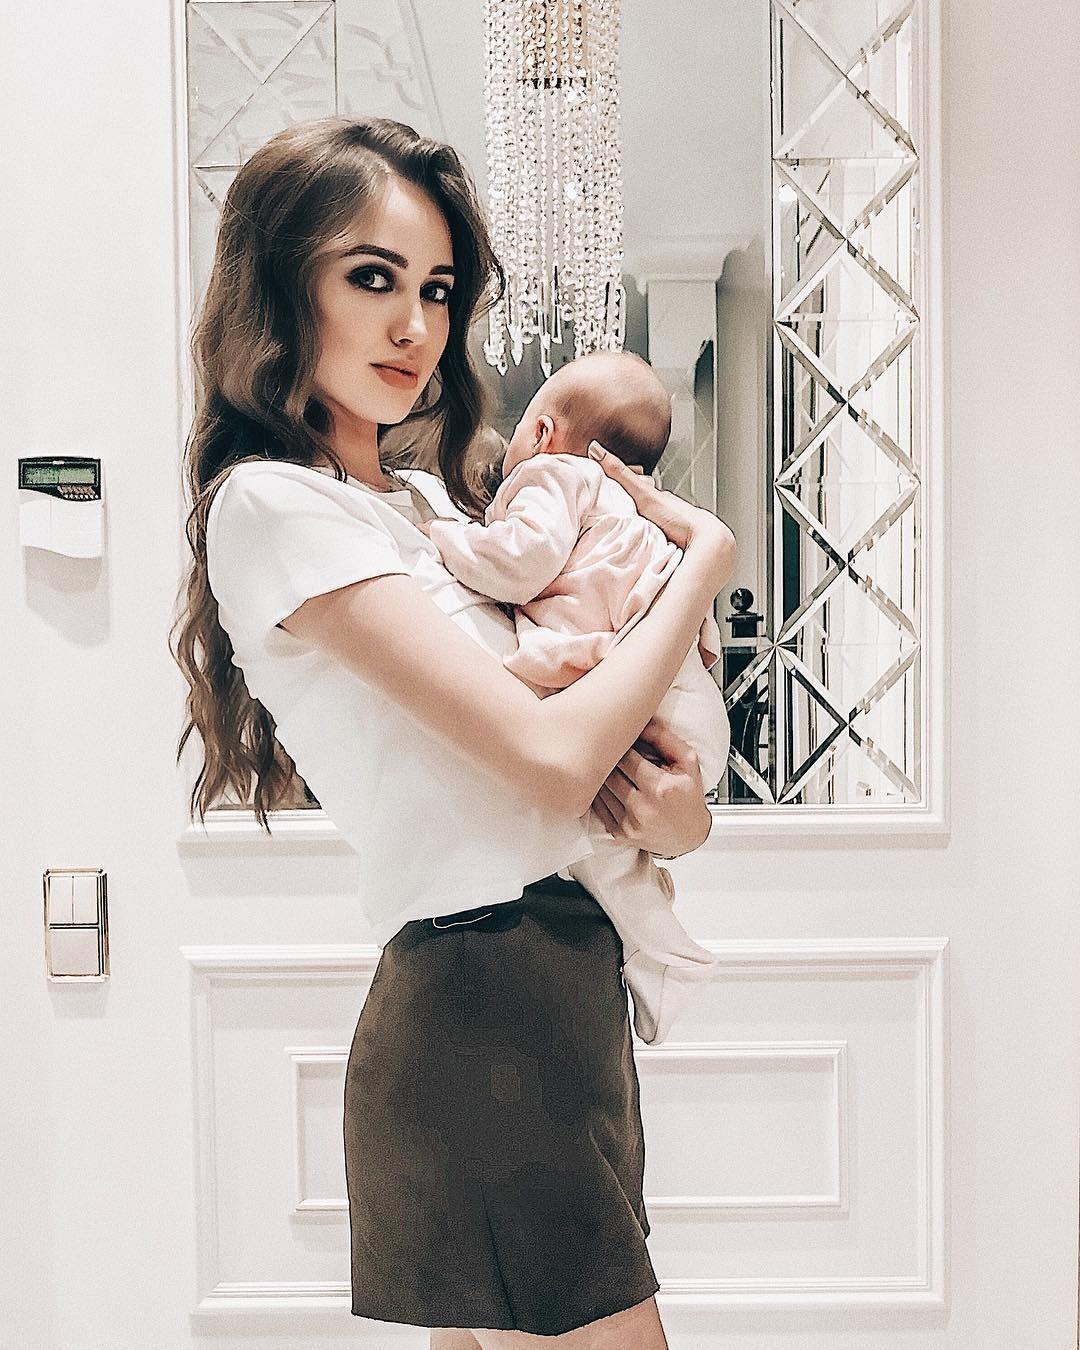 Анастасия Костенко поделилась снимком подросшей дочери